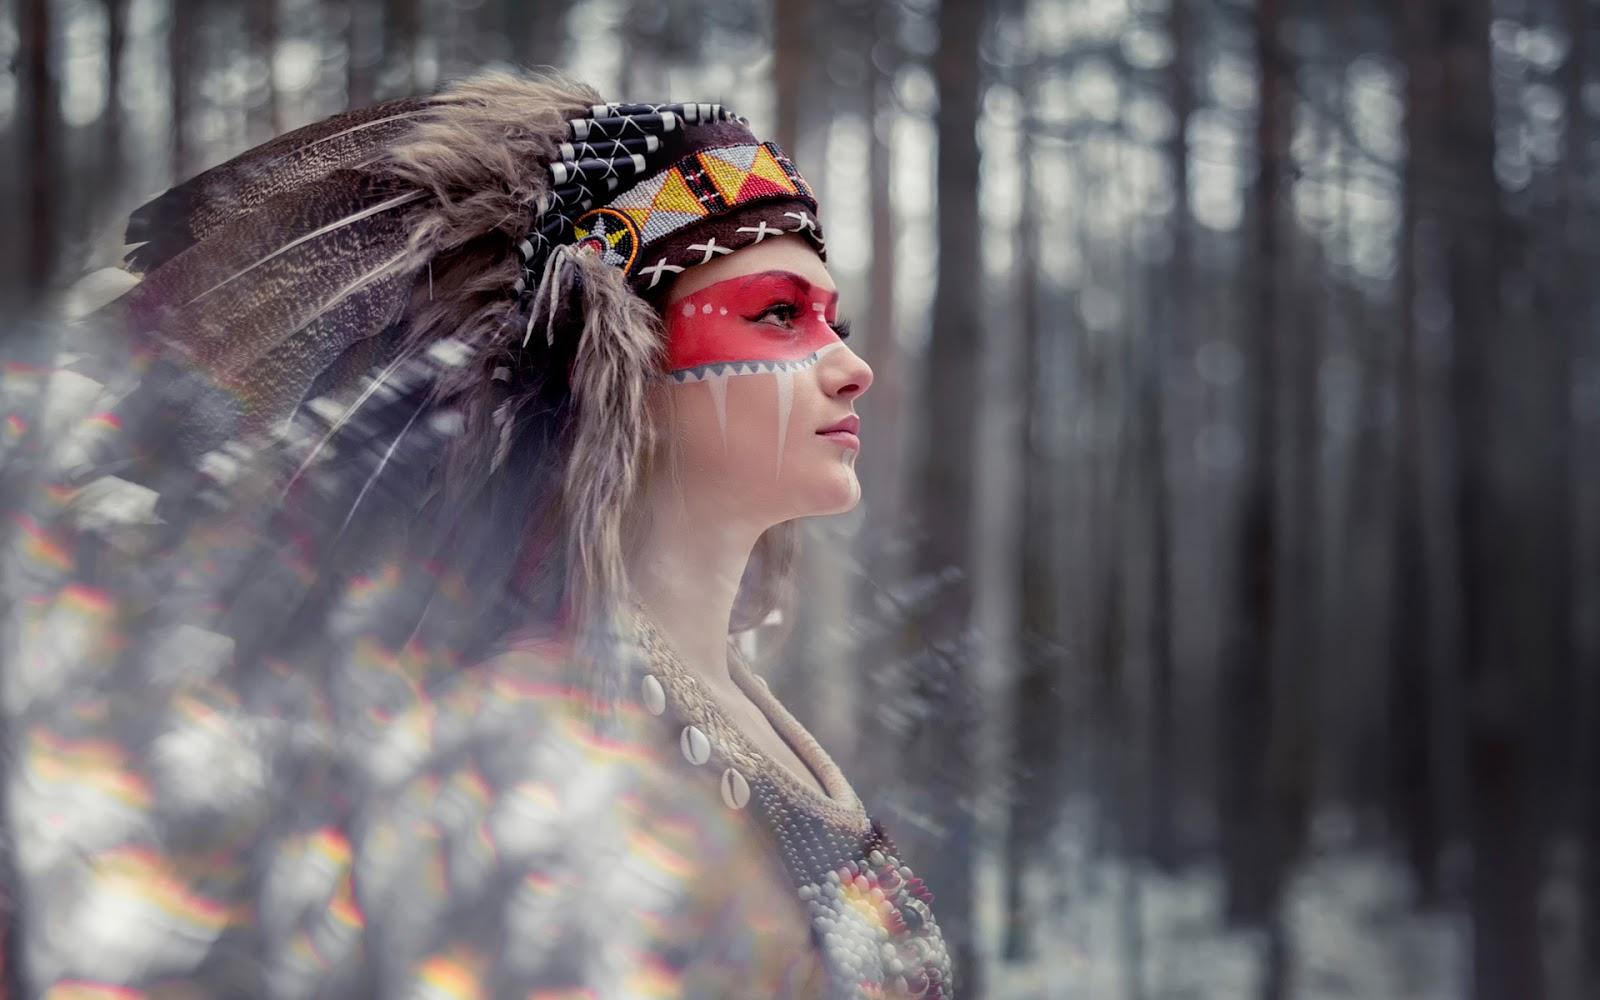 ff26102d5 O Xamanismo é a única Ciência Ancestral que nos ensina claramente o real  significado e vivência da Consciência e da Morte. O xamã precisa primeiro  morrer, ...